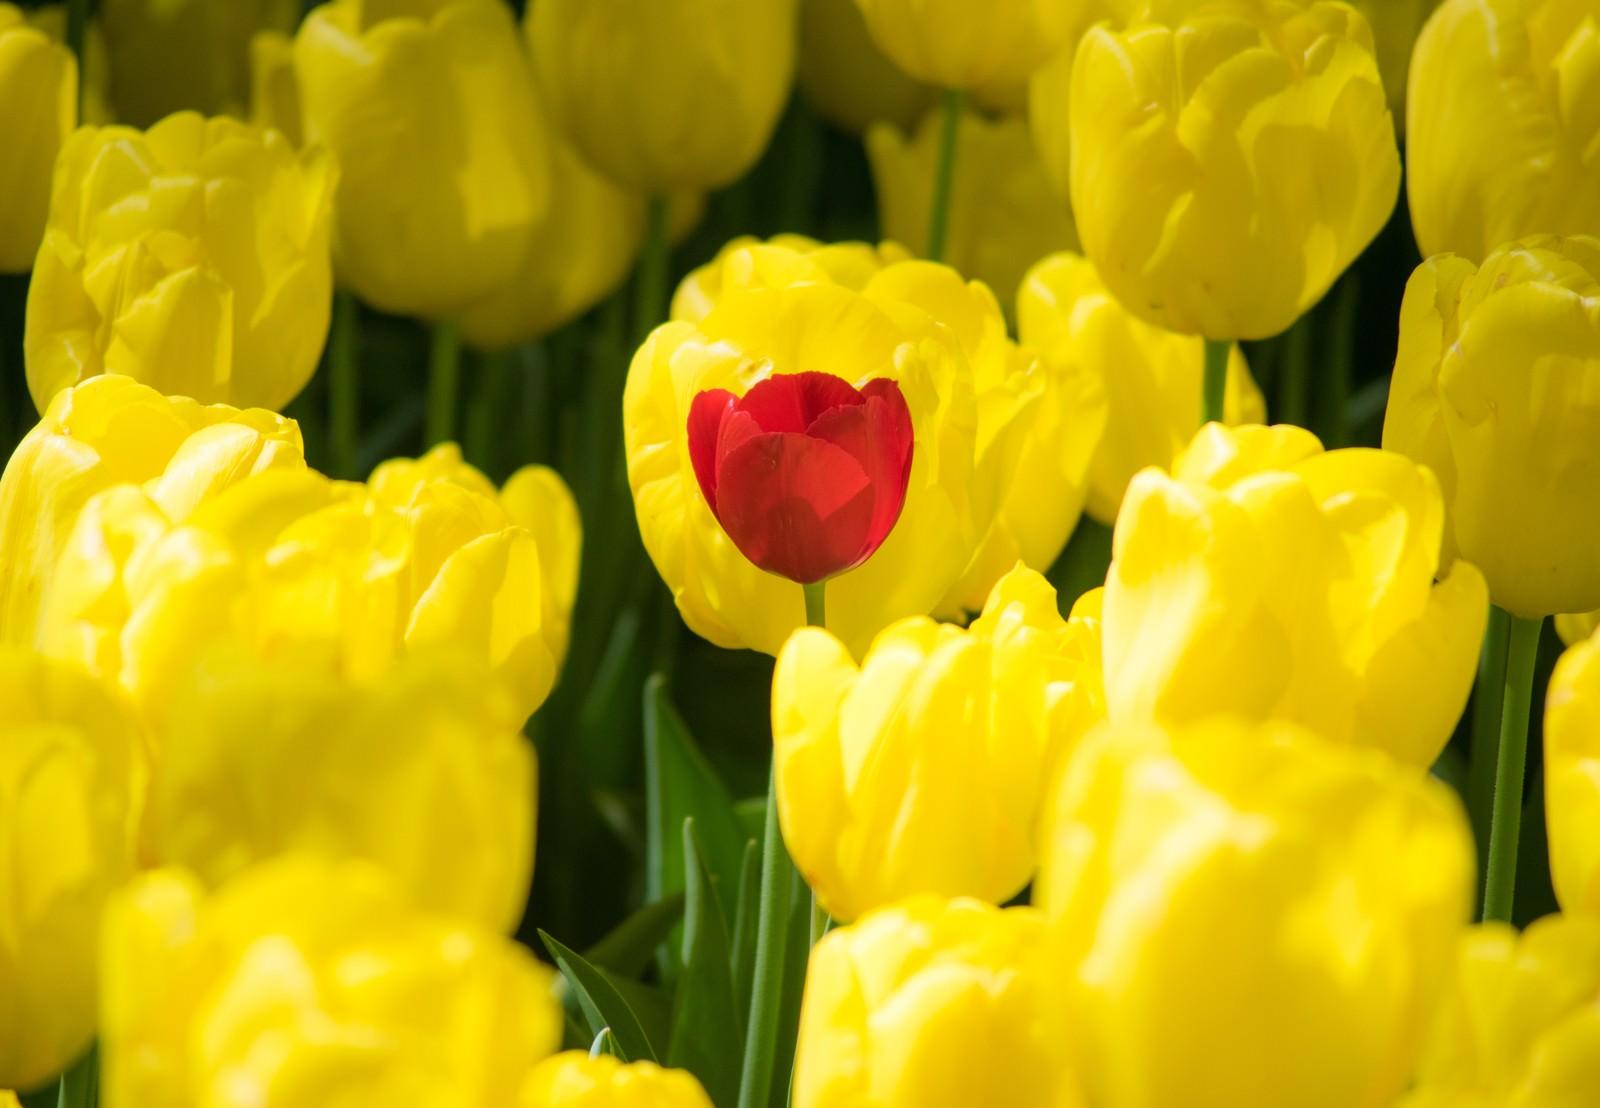 チューリップ 赤 黄色